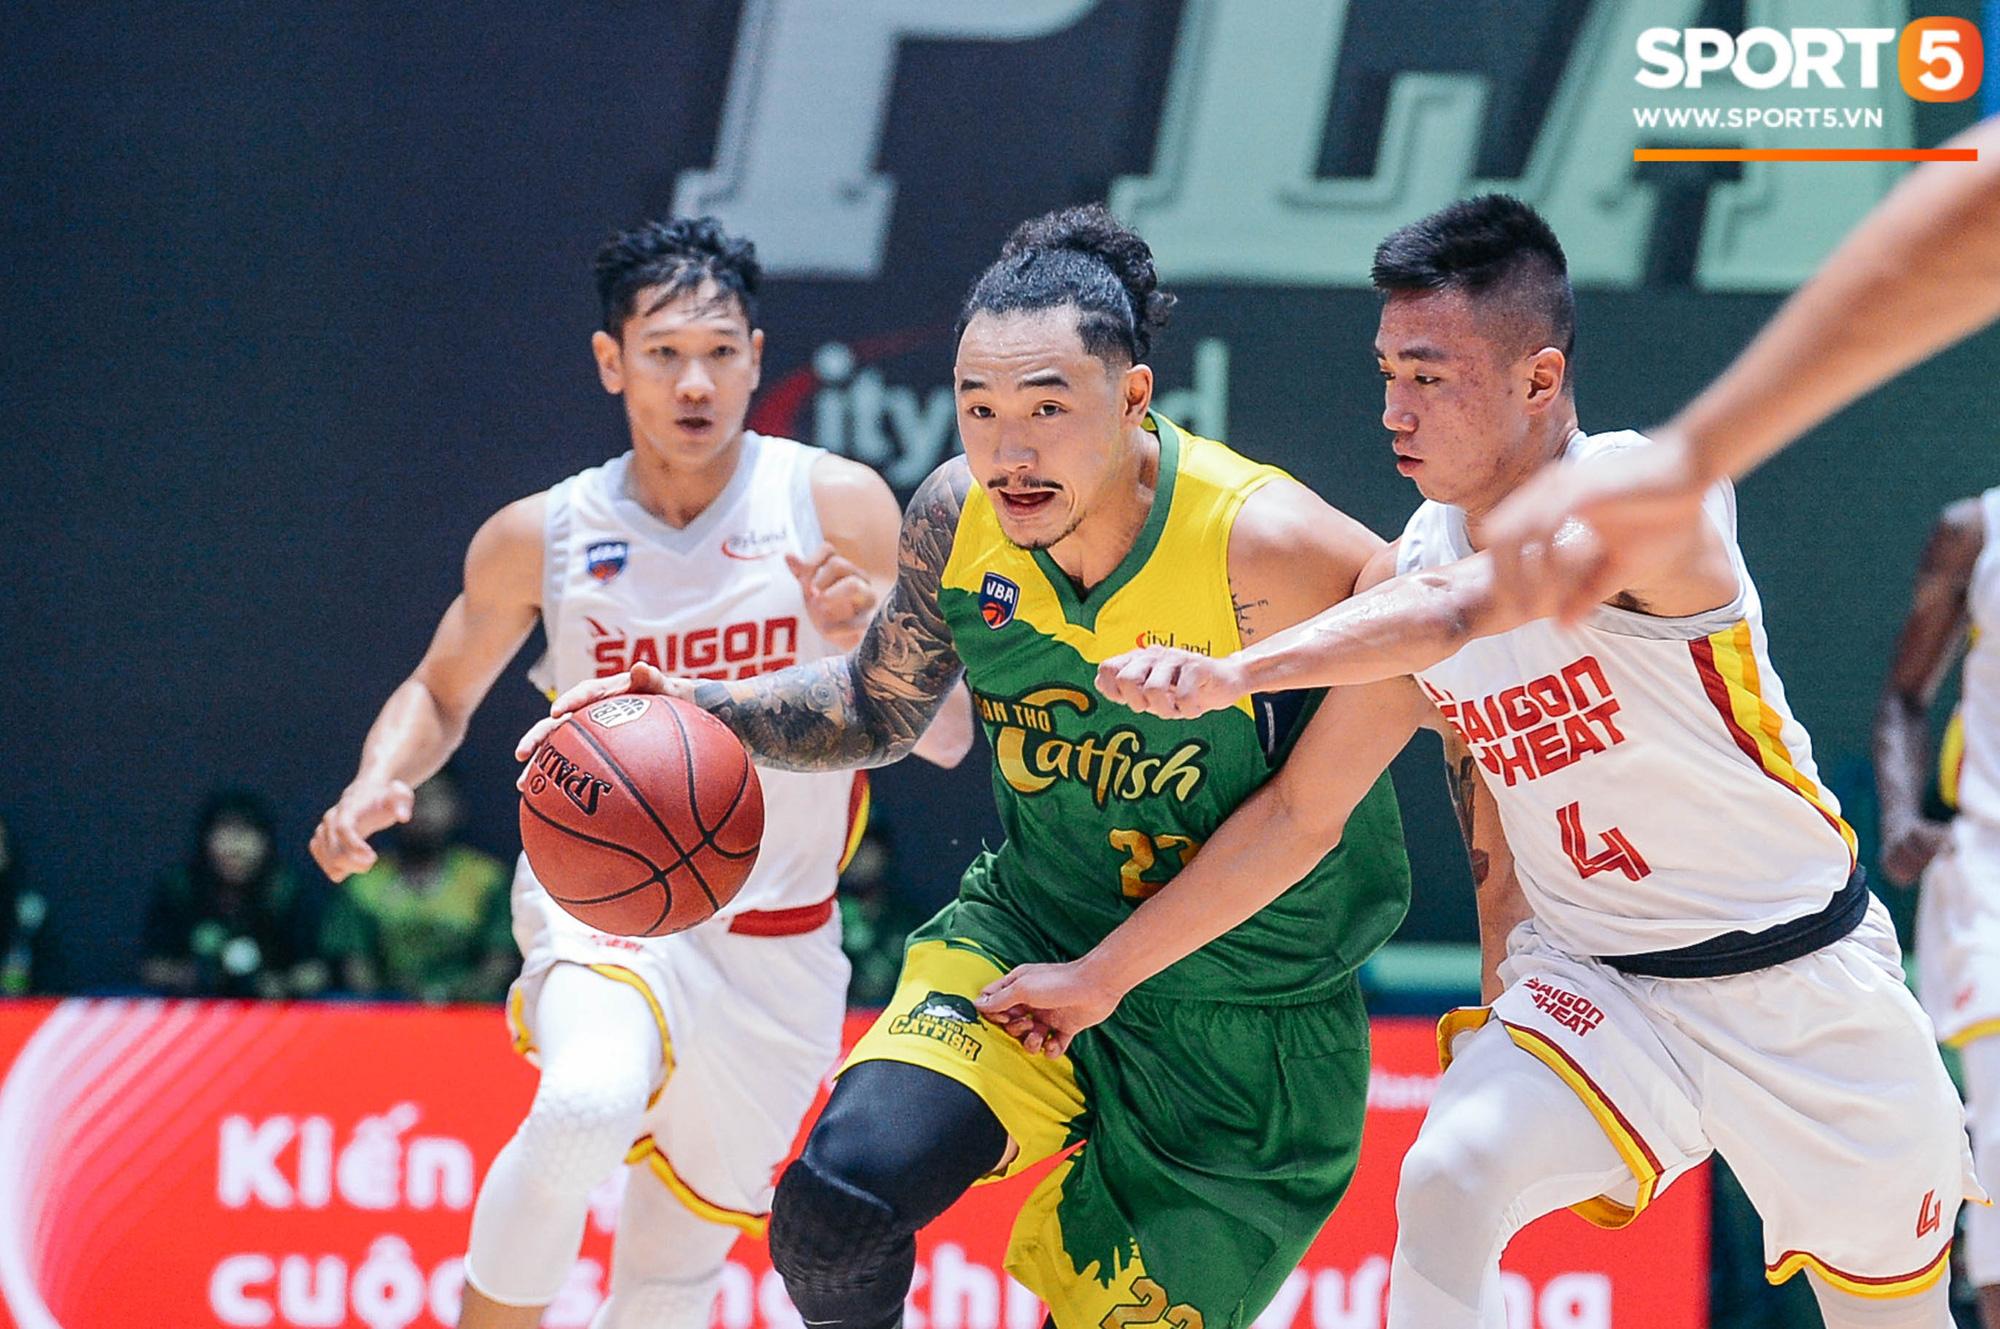 Từ chối 32 điểm của Tâm Đinh, Saigon Heat ghi tên vào trận Chung kết VBA 2020 - Ảnh 3.